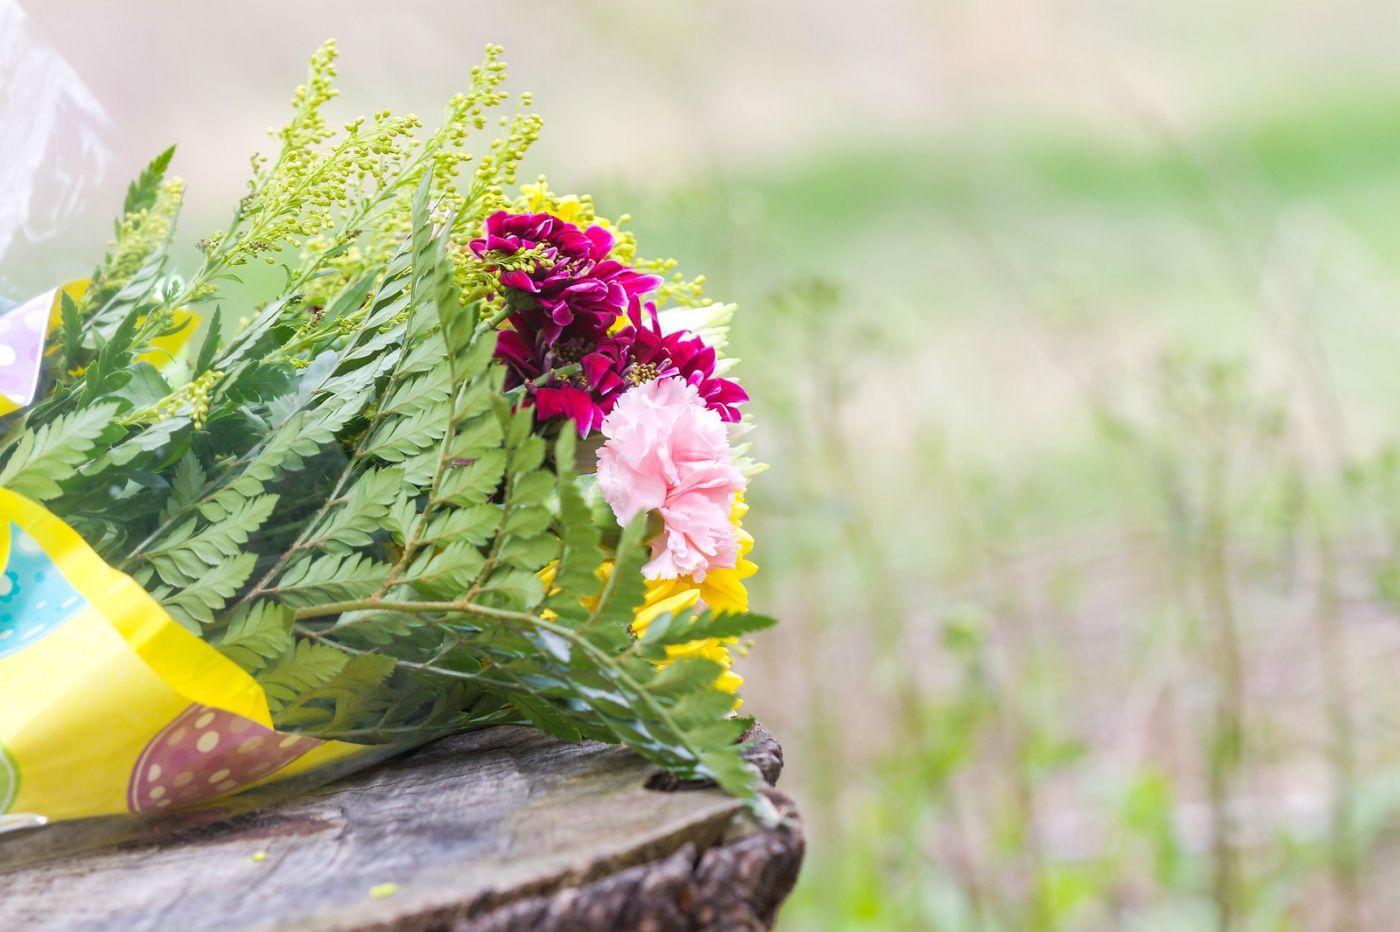 一束花的畅想_图1-20